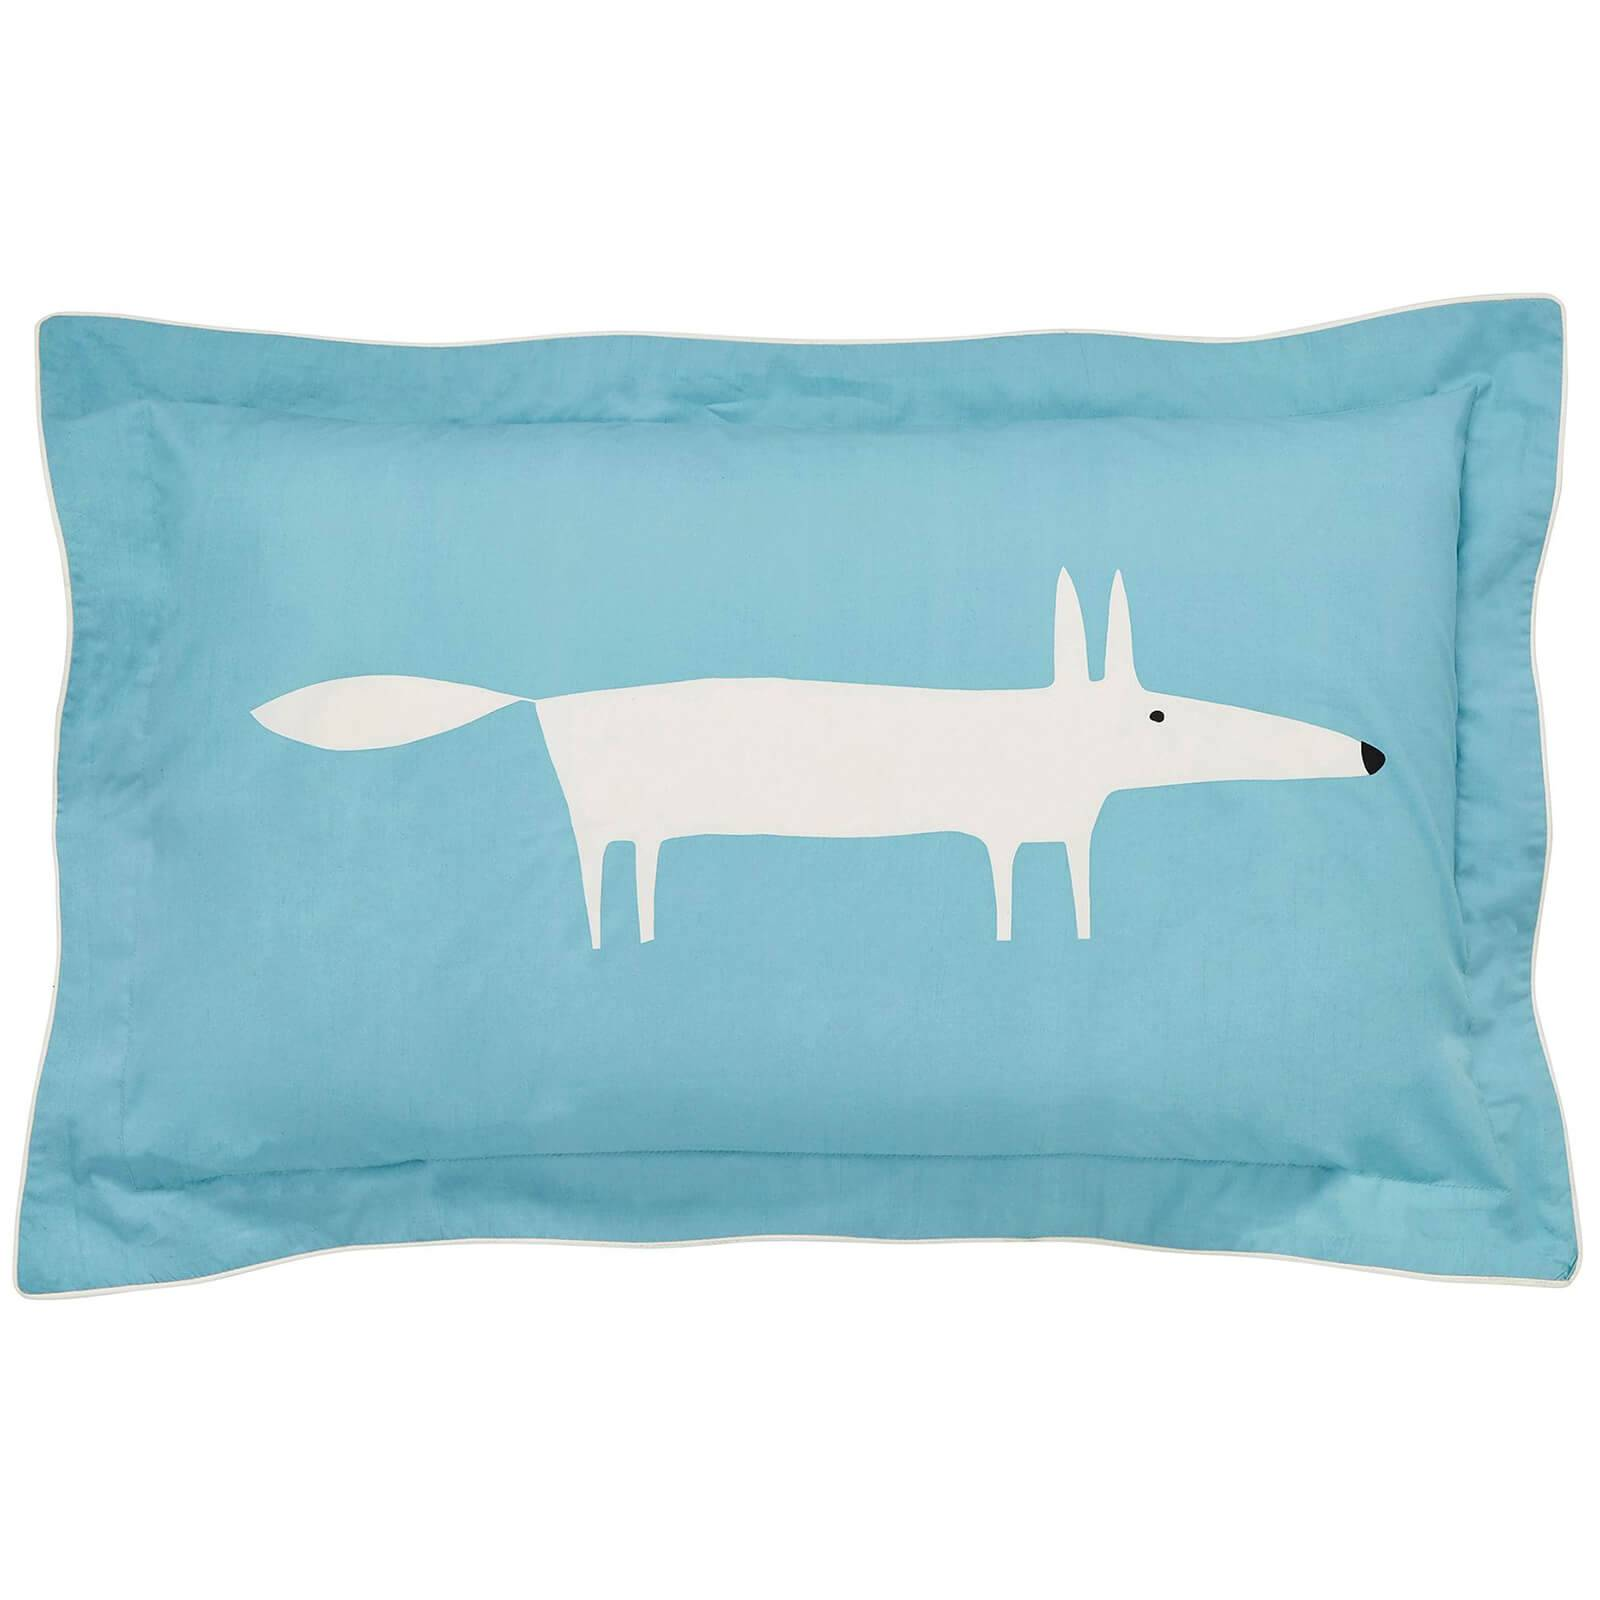 Scion Mr. Fox Oxford Pillowcase - Teal